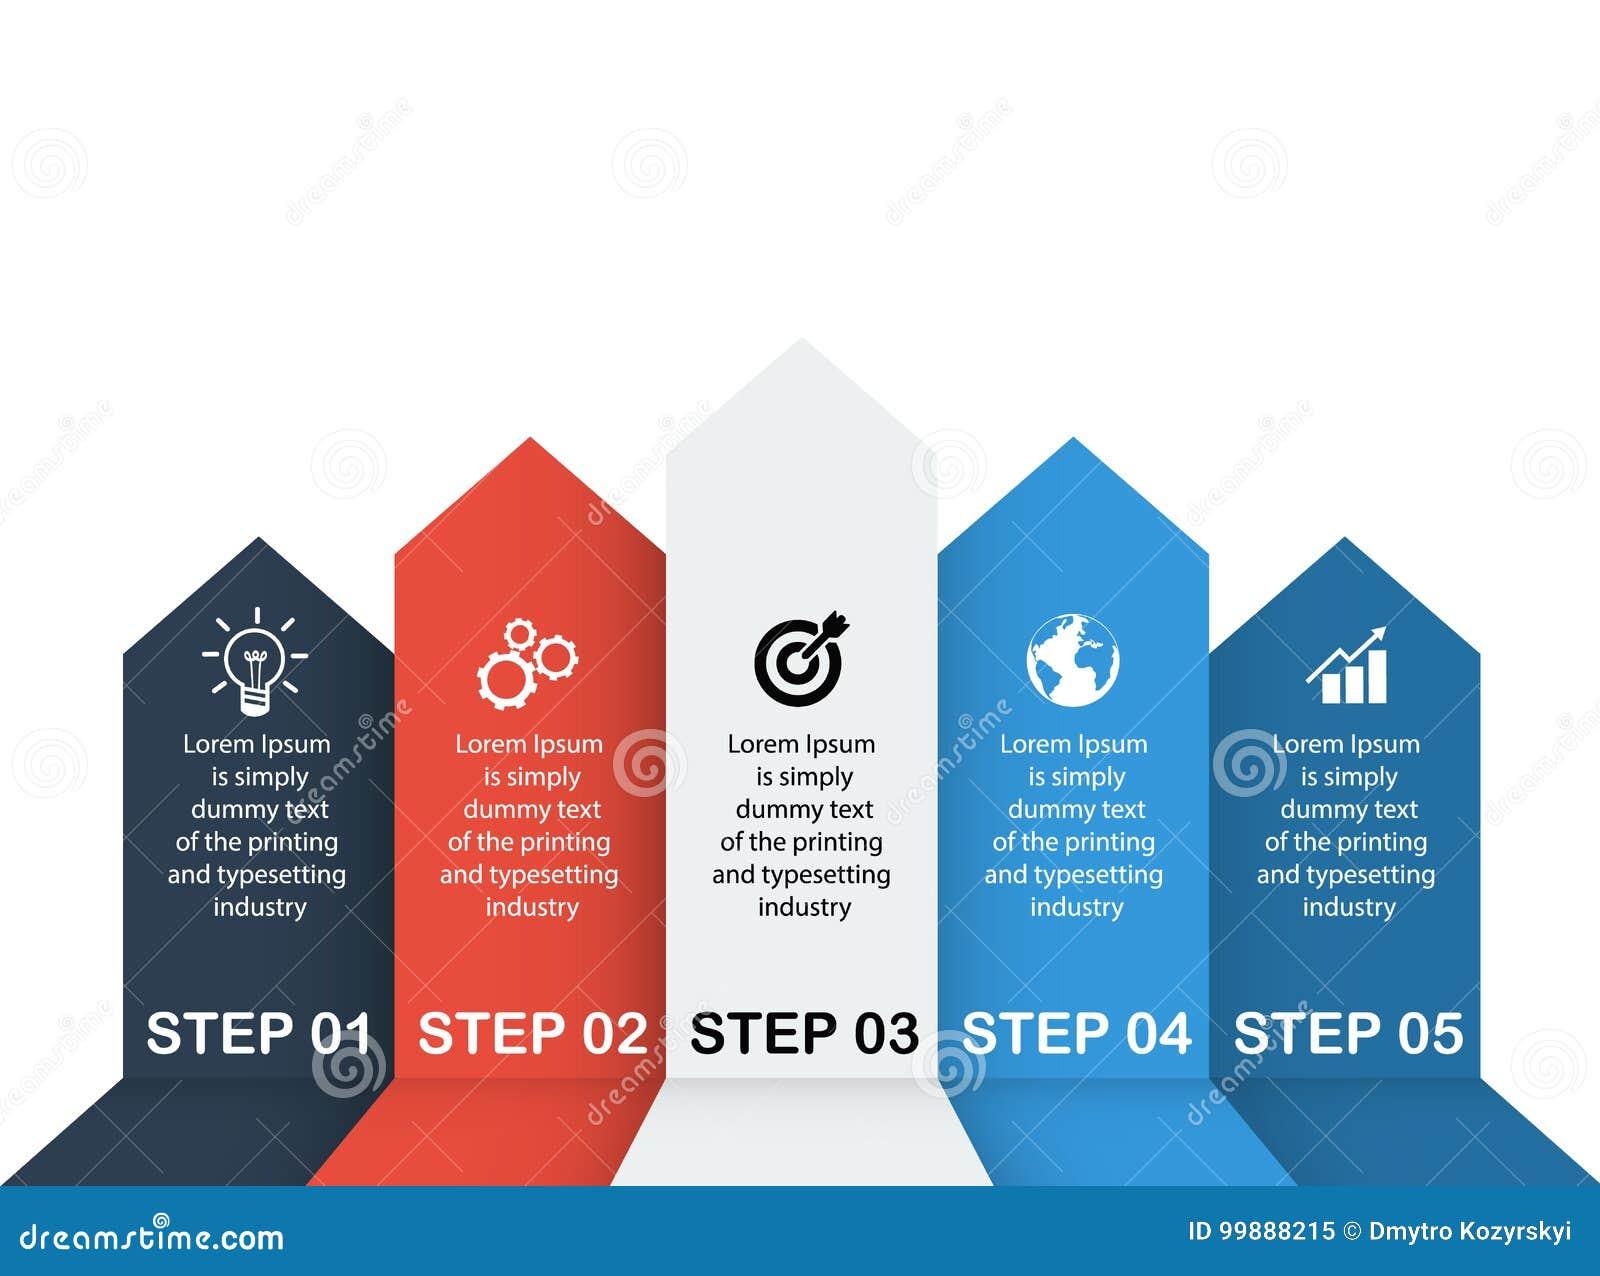 Επιχειρησιακά στοιχεία, διάγραμμα Αφηρημένα στοιχεία της γραφικής παράστασης, του διαγράμματος με 5 βήματα, της στρατηγικής, των